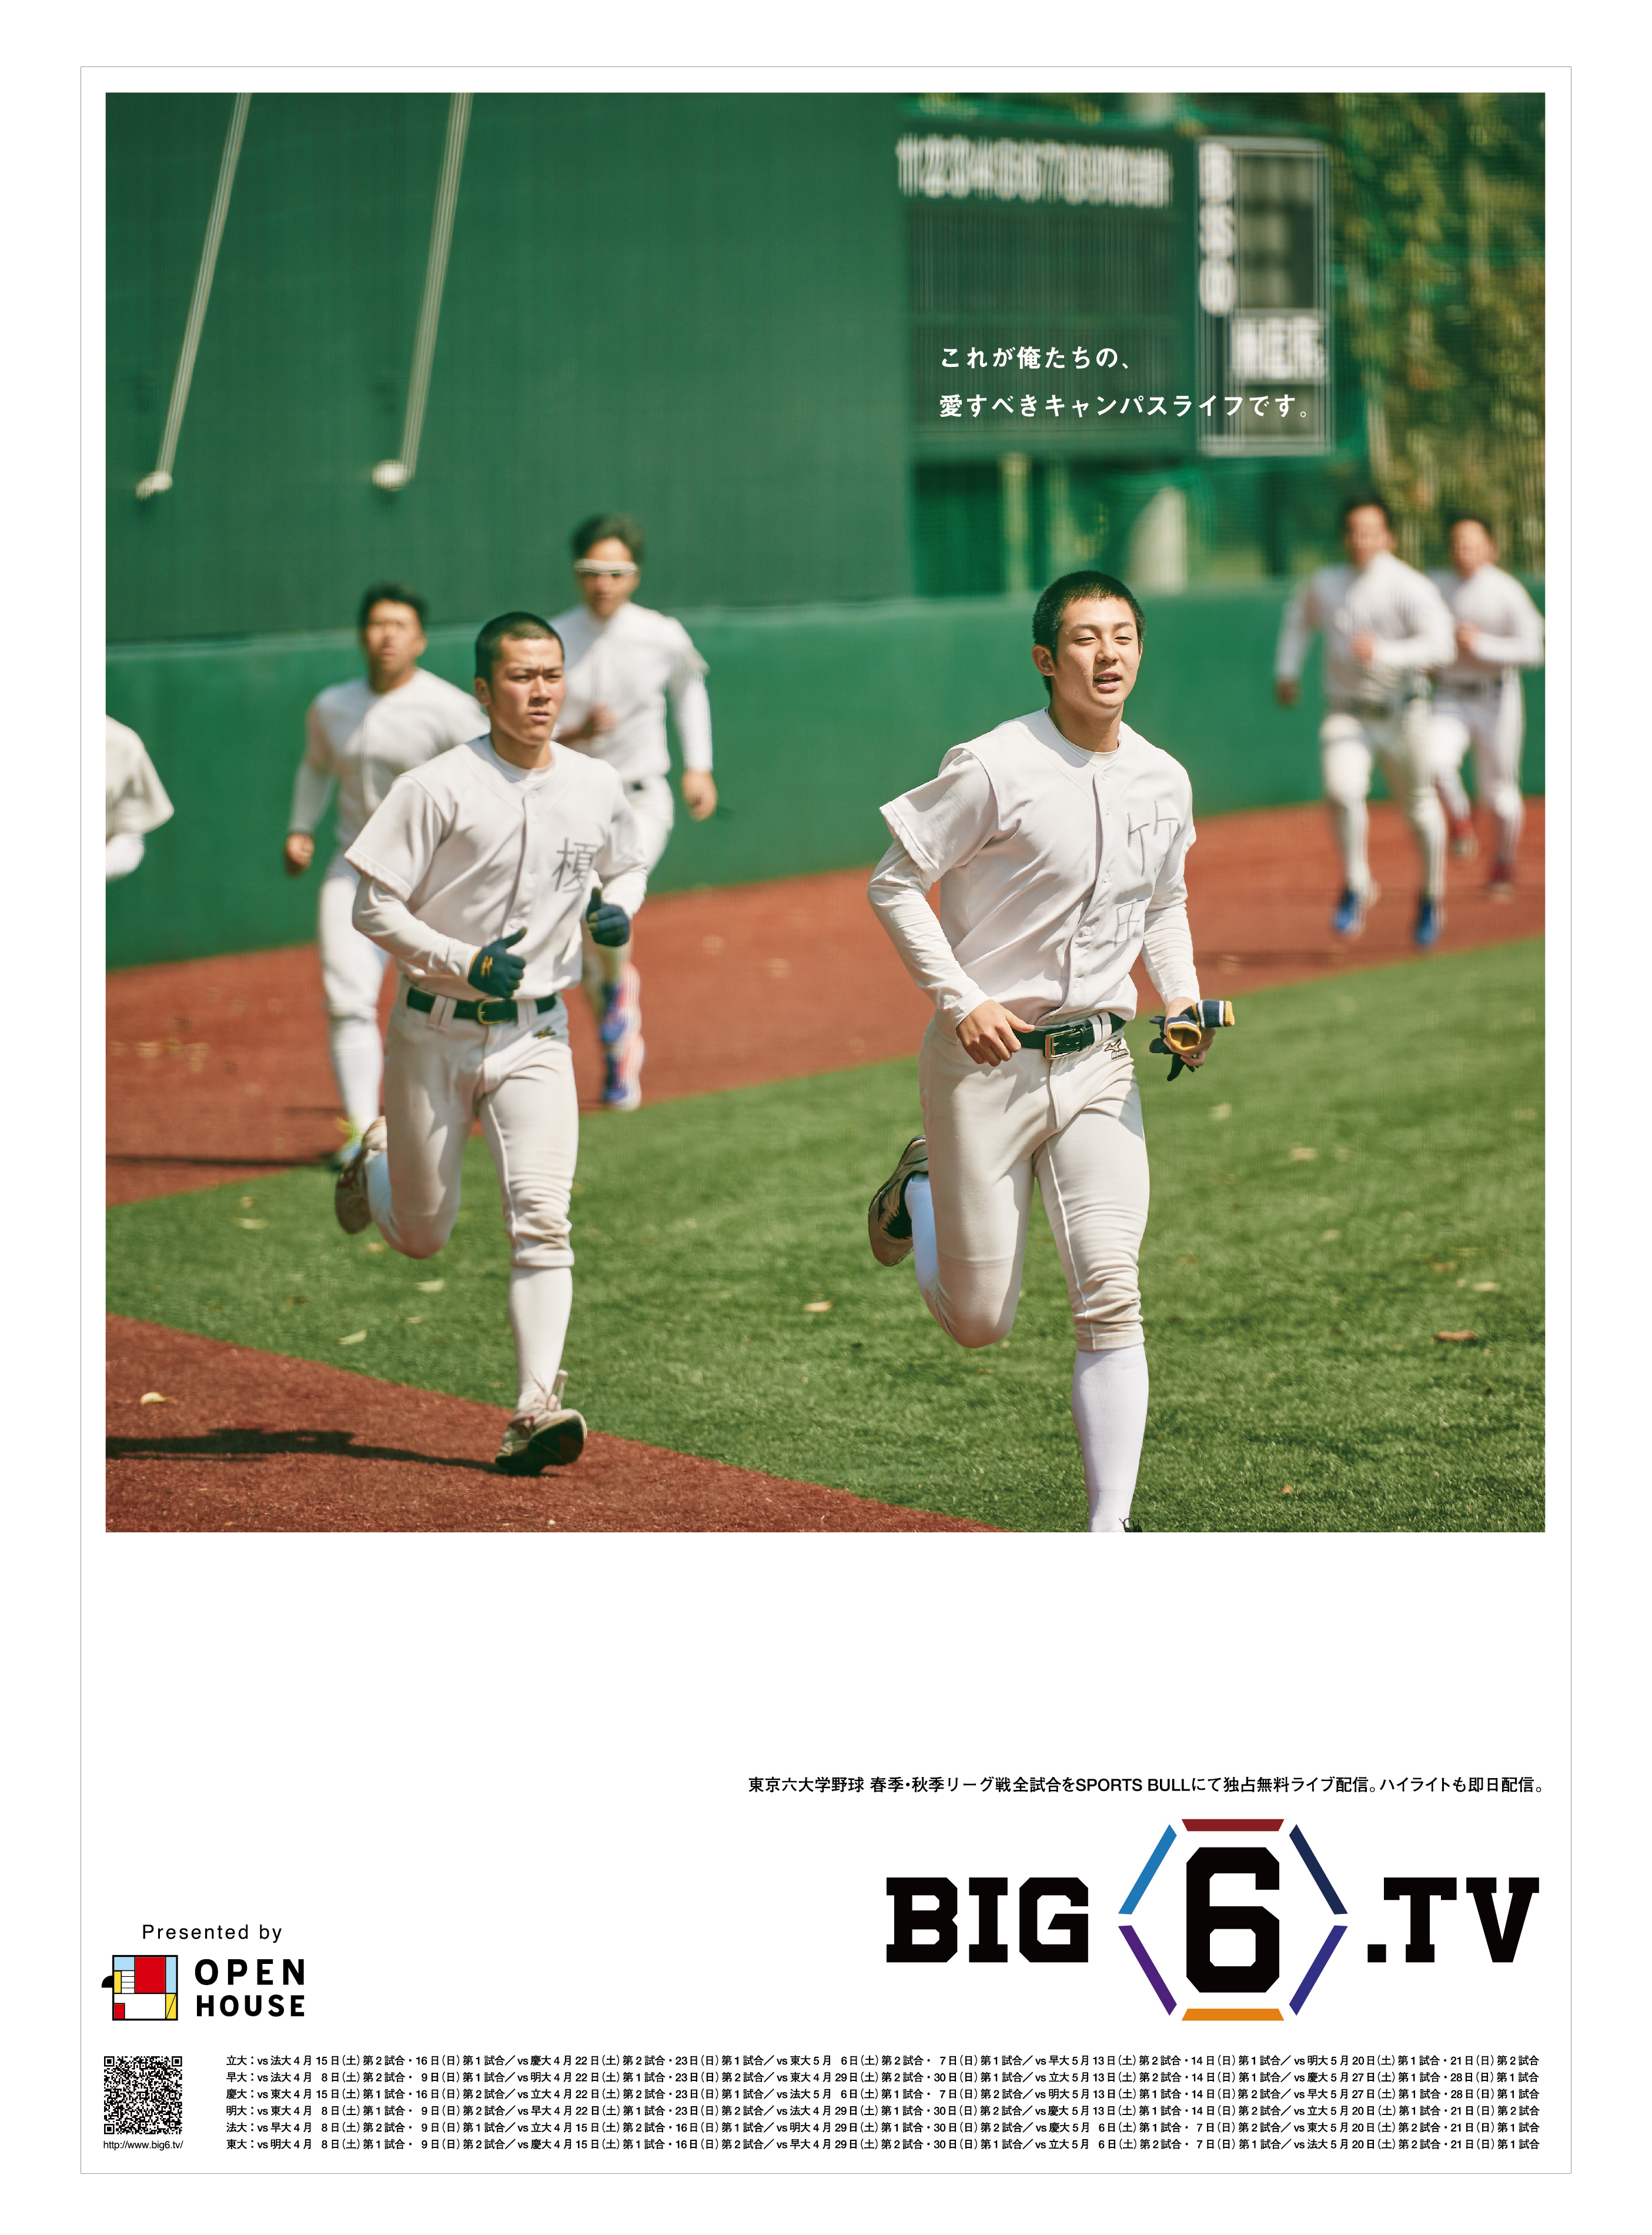 big6-15